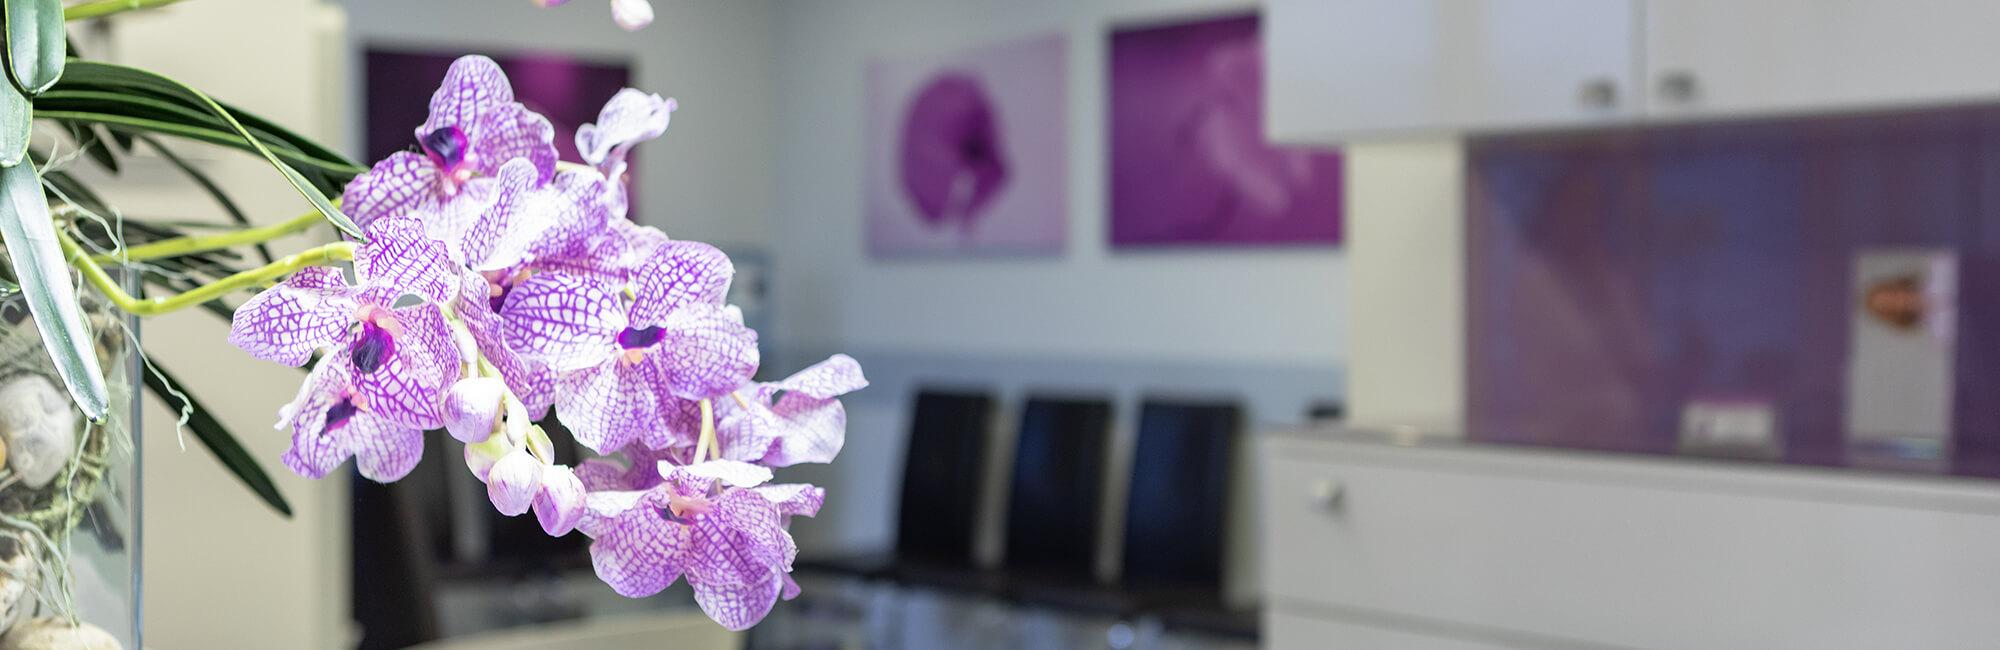 Zahnarzt Klosterneuburg - Dr. Sandra Dusek - Slider Datenschutzerklärung Orchidee Wartezimmer